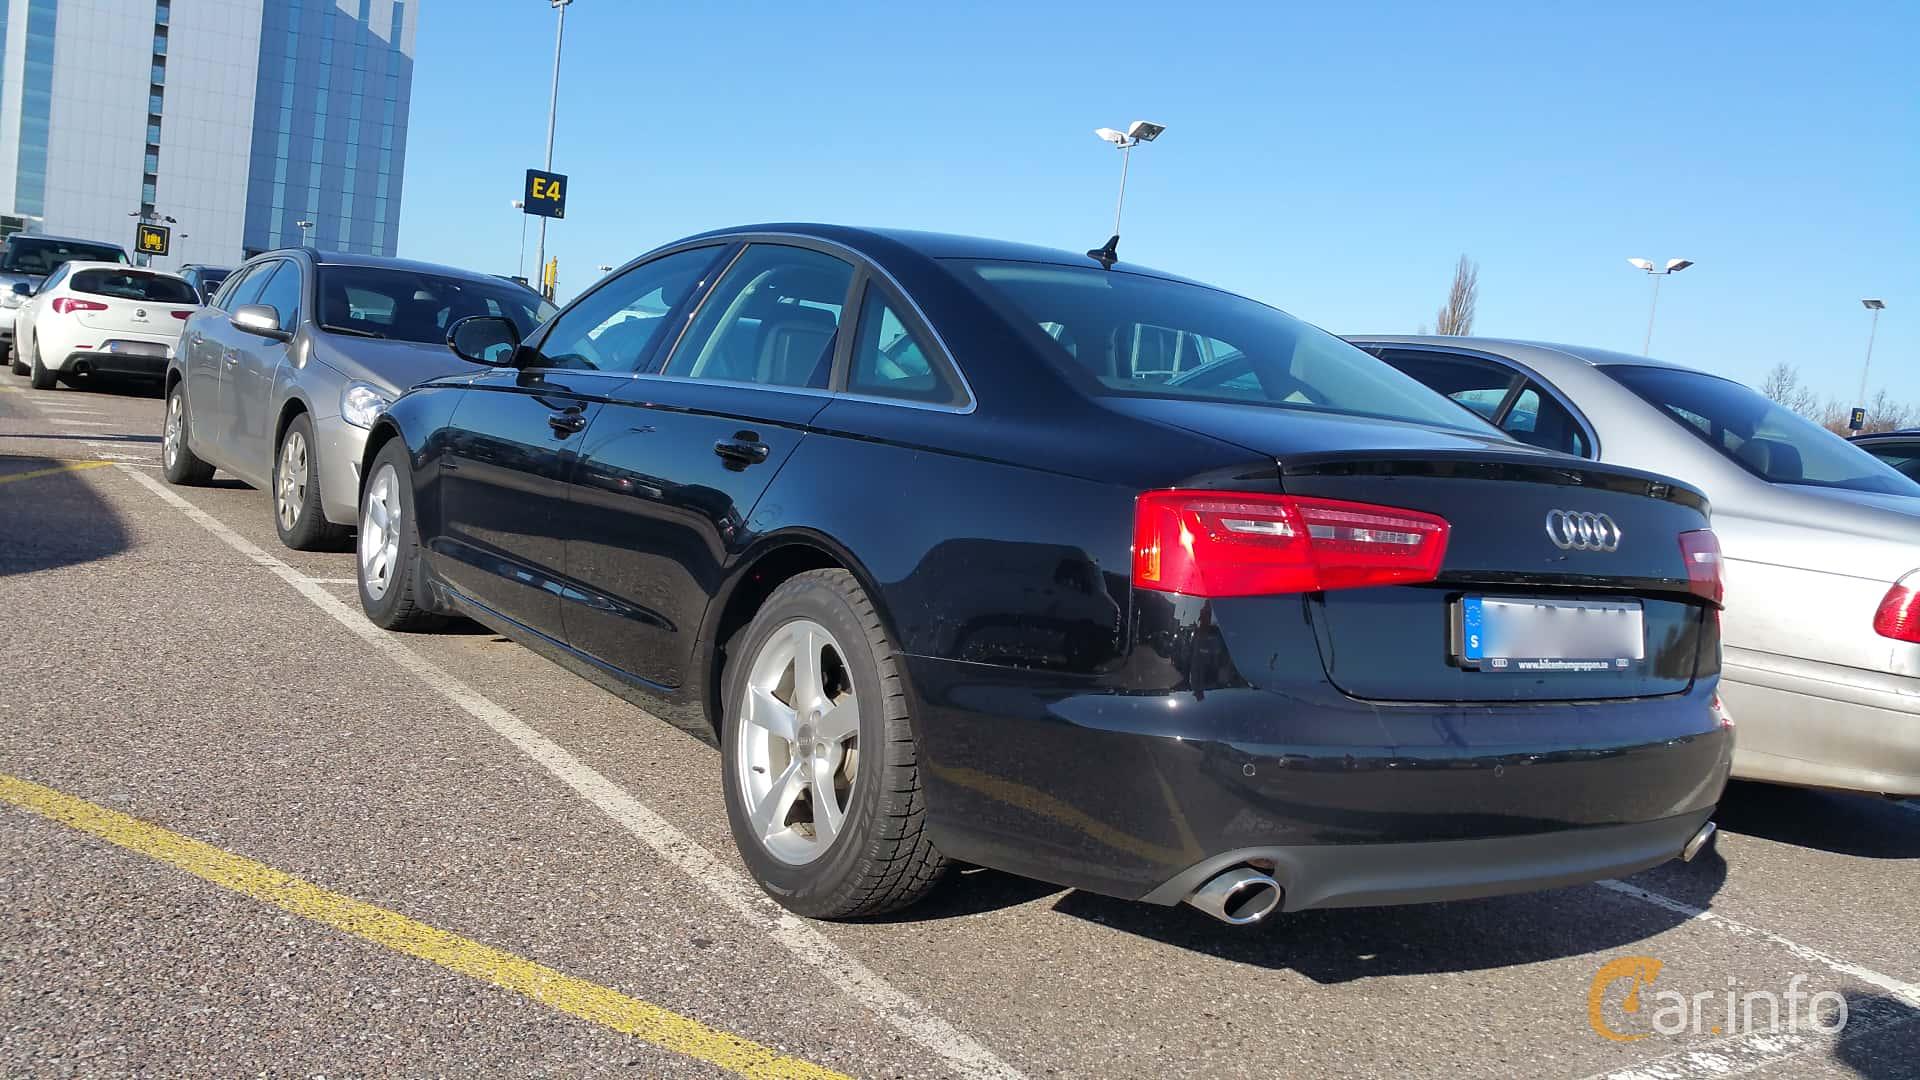 Kelebihan Kekurangan Audi A6 2.0 Tangguh